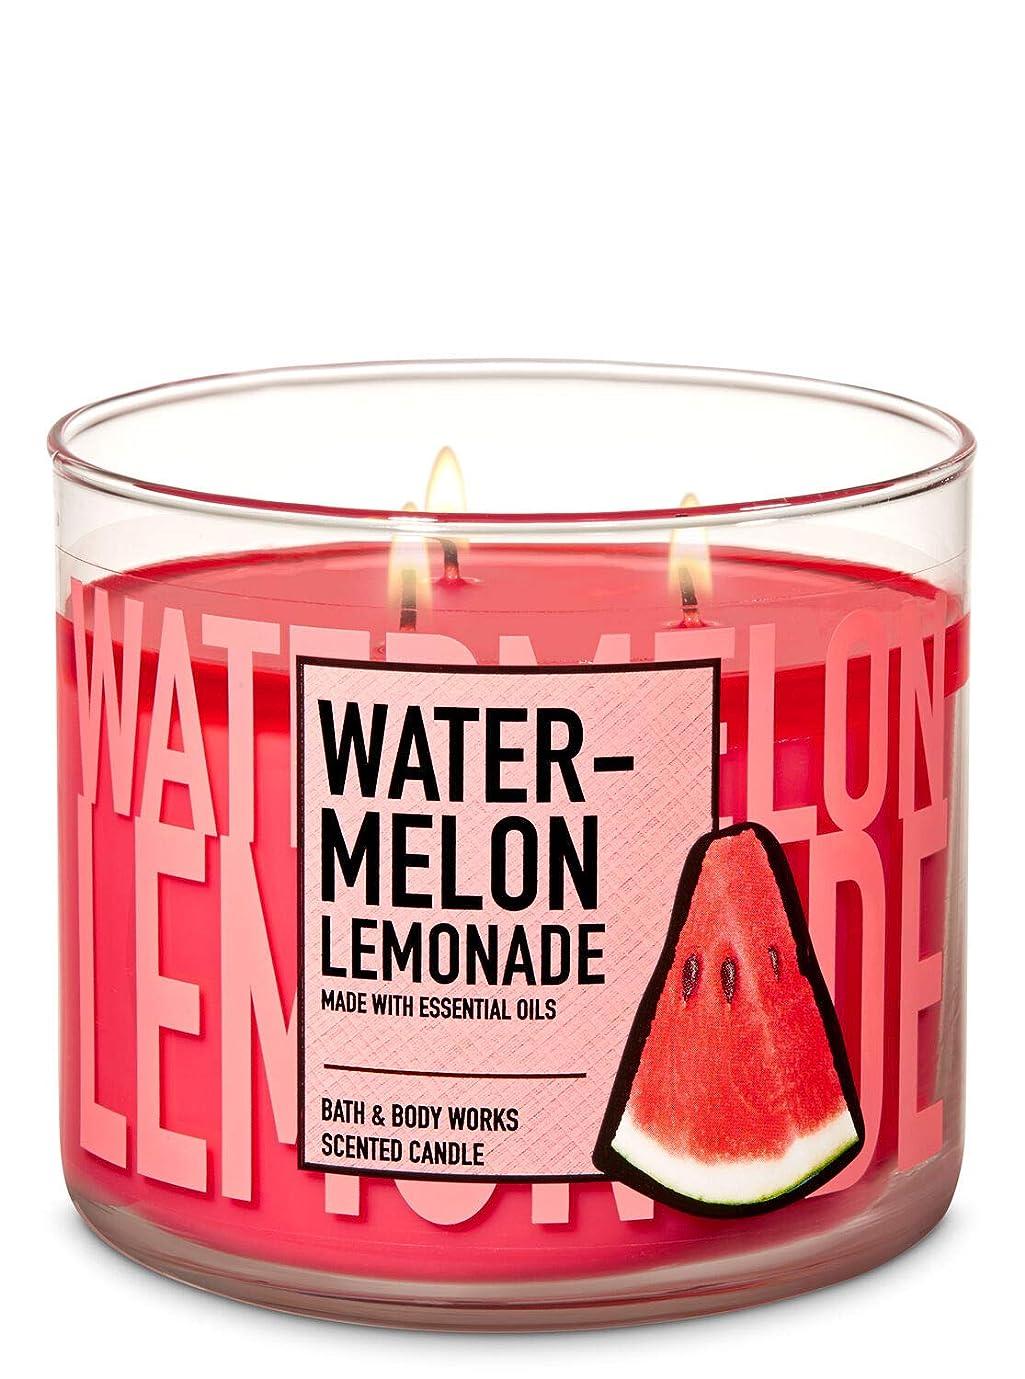 出会い本いつか【Bath&Body Works/バス&ボディワークス】 アロマキャンドル ウォーターメロンレモネード 3-Wick Scented Candle Watermelon Lemonade 14.5oz/411g [並行輸入品]